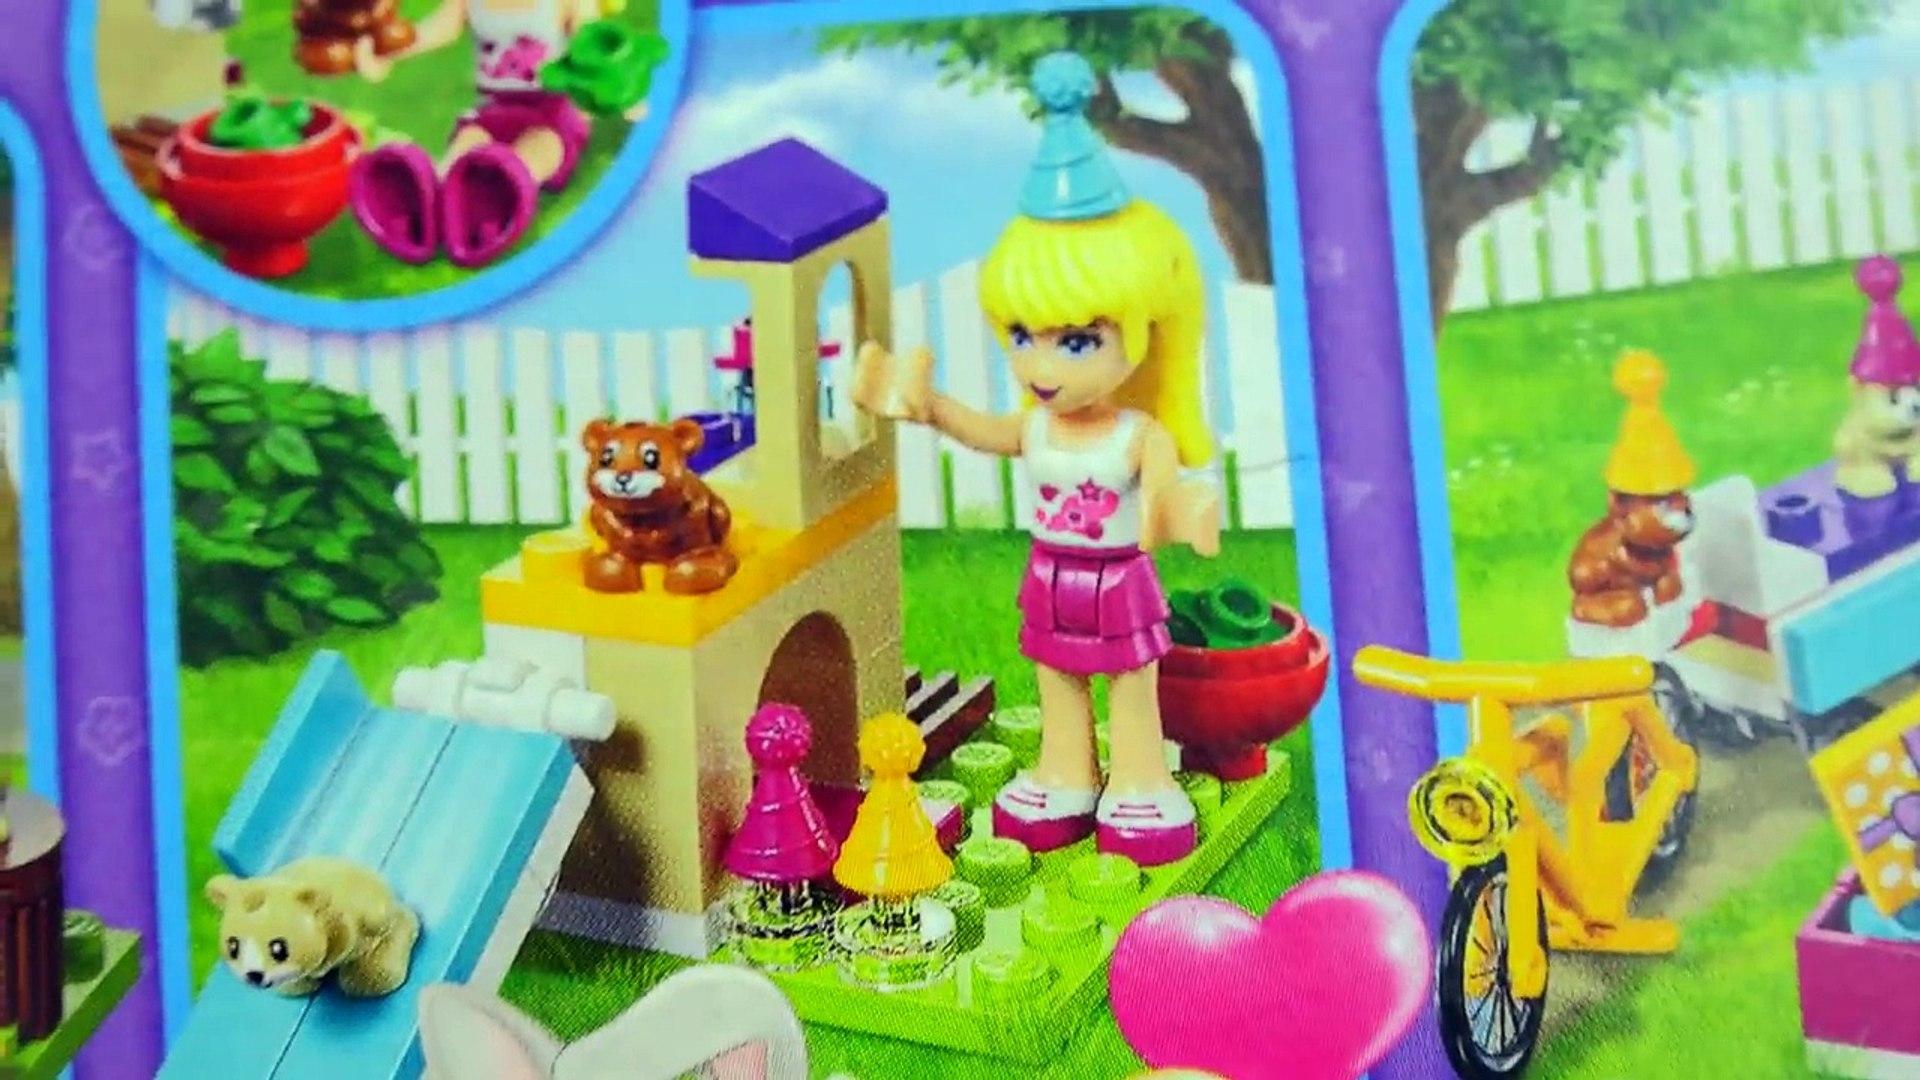 Яйца чертово друзья в в в в Лего музыка вечеринка поездка время года поезд в колесо с 7 shopkins